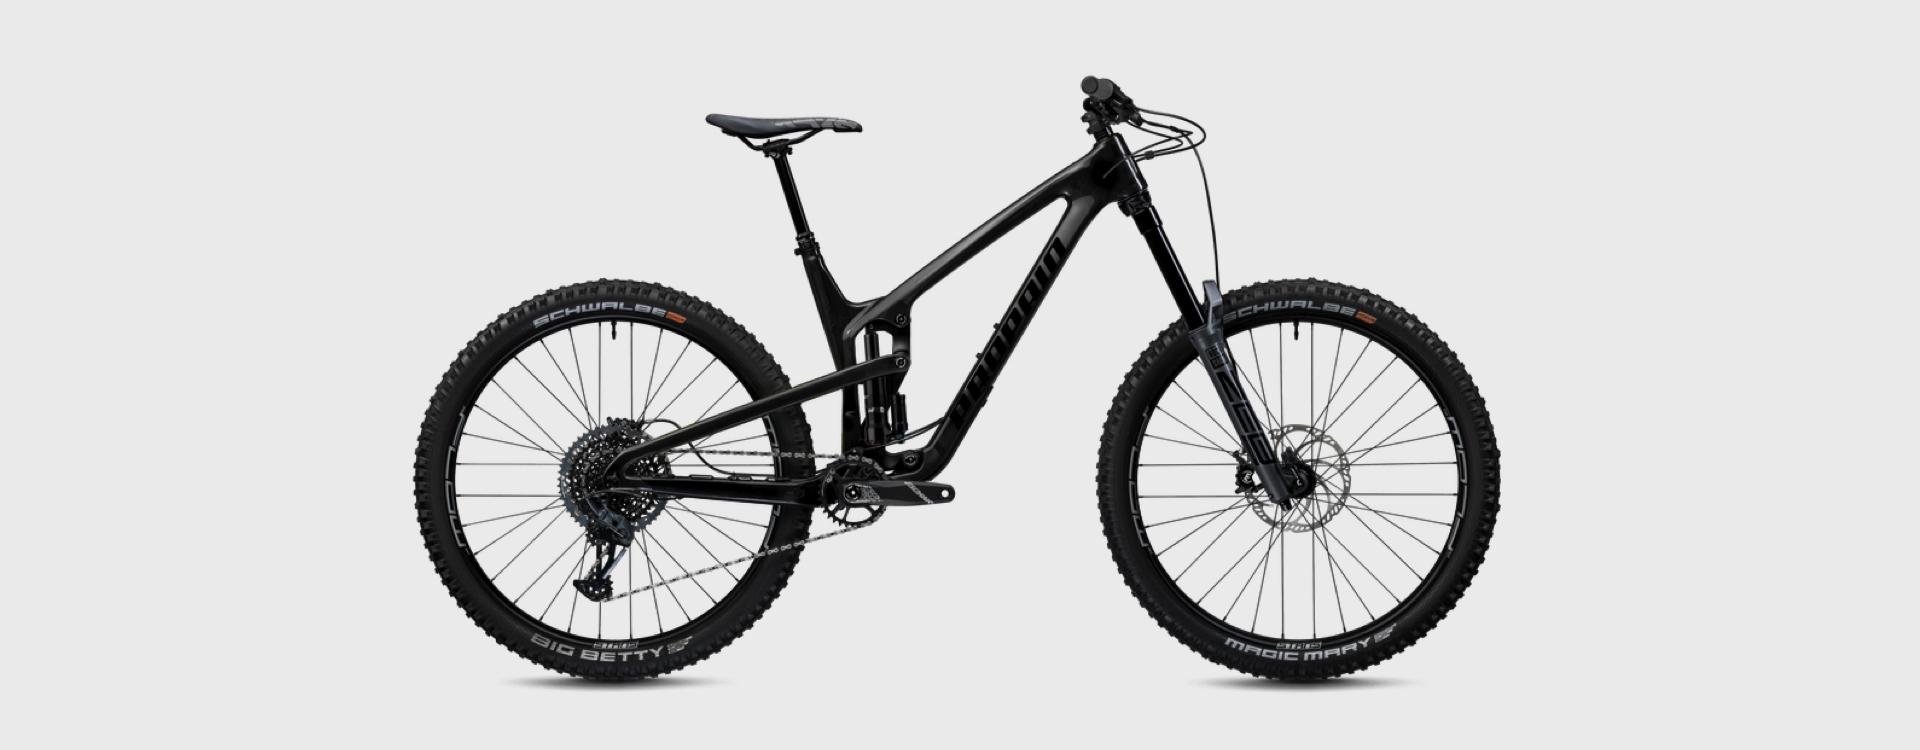 Bike Verleih Gummersbach Propain Bikes Testcenter NRW Spindrift 6 - CF - XL - 29 - Raw - 1920x750